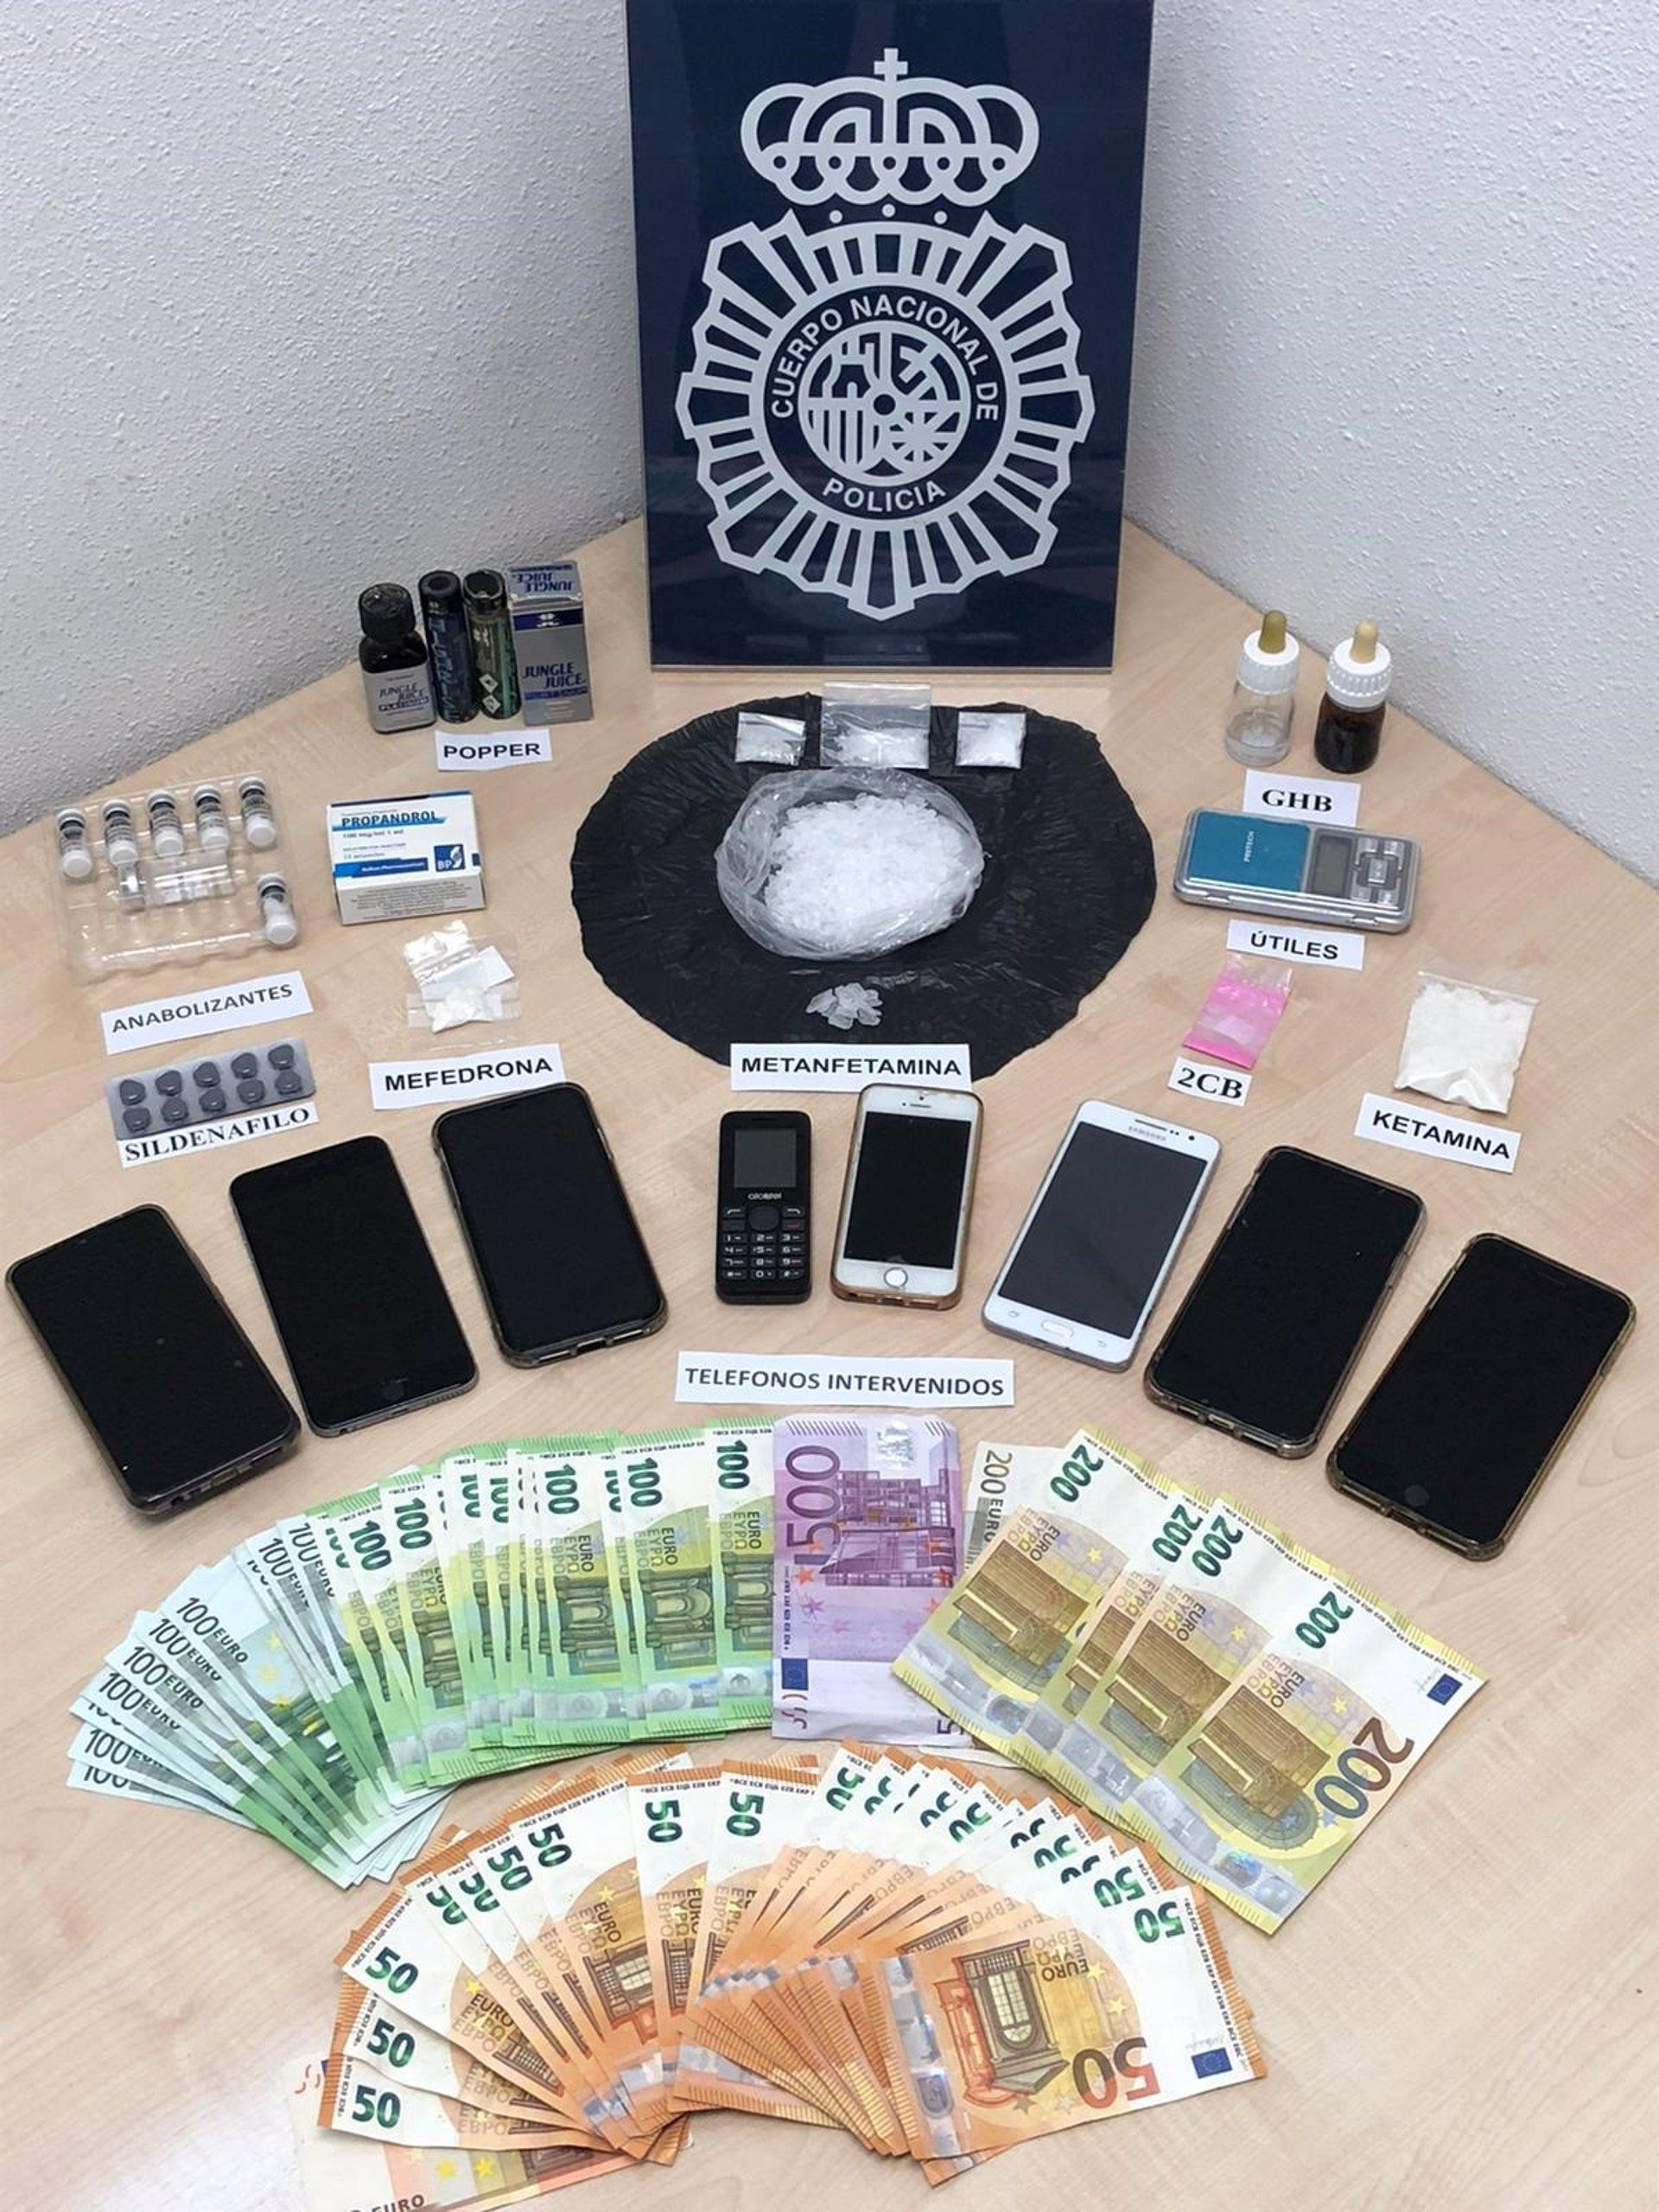 La policía halló en la casa de Rafael Amargo drogas sintéticas, 8 móviles y 6.000 euros en metálico